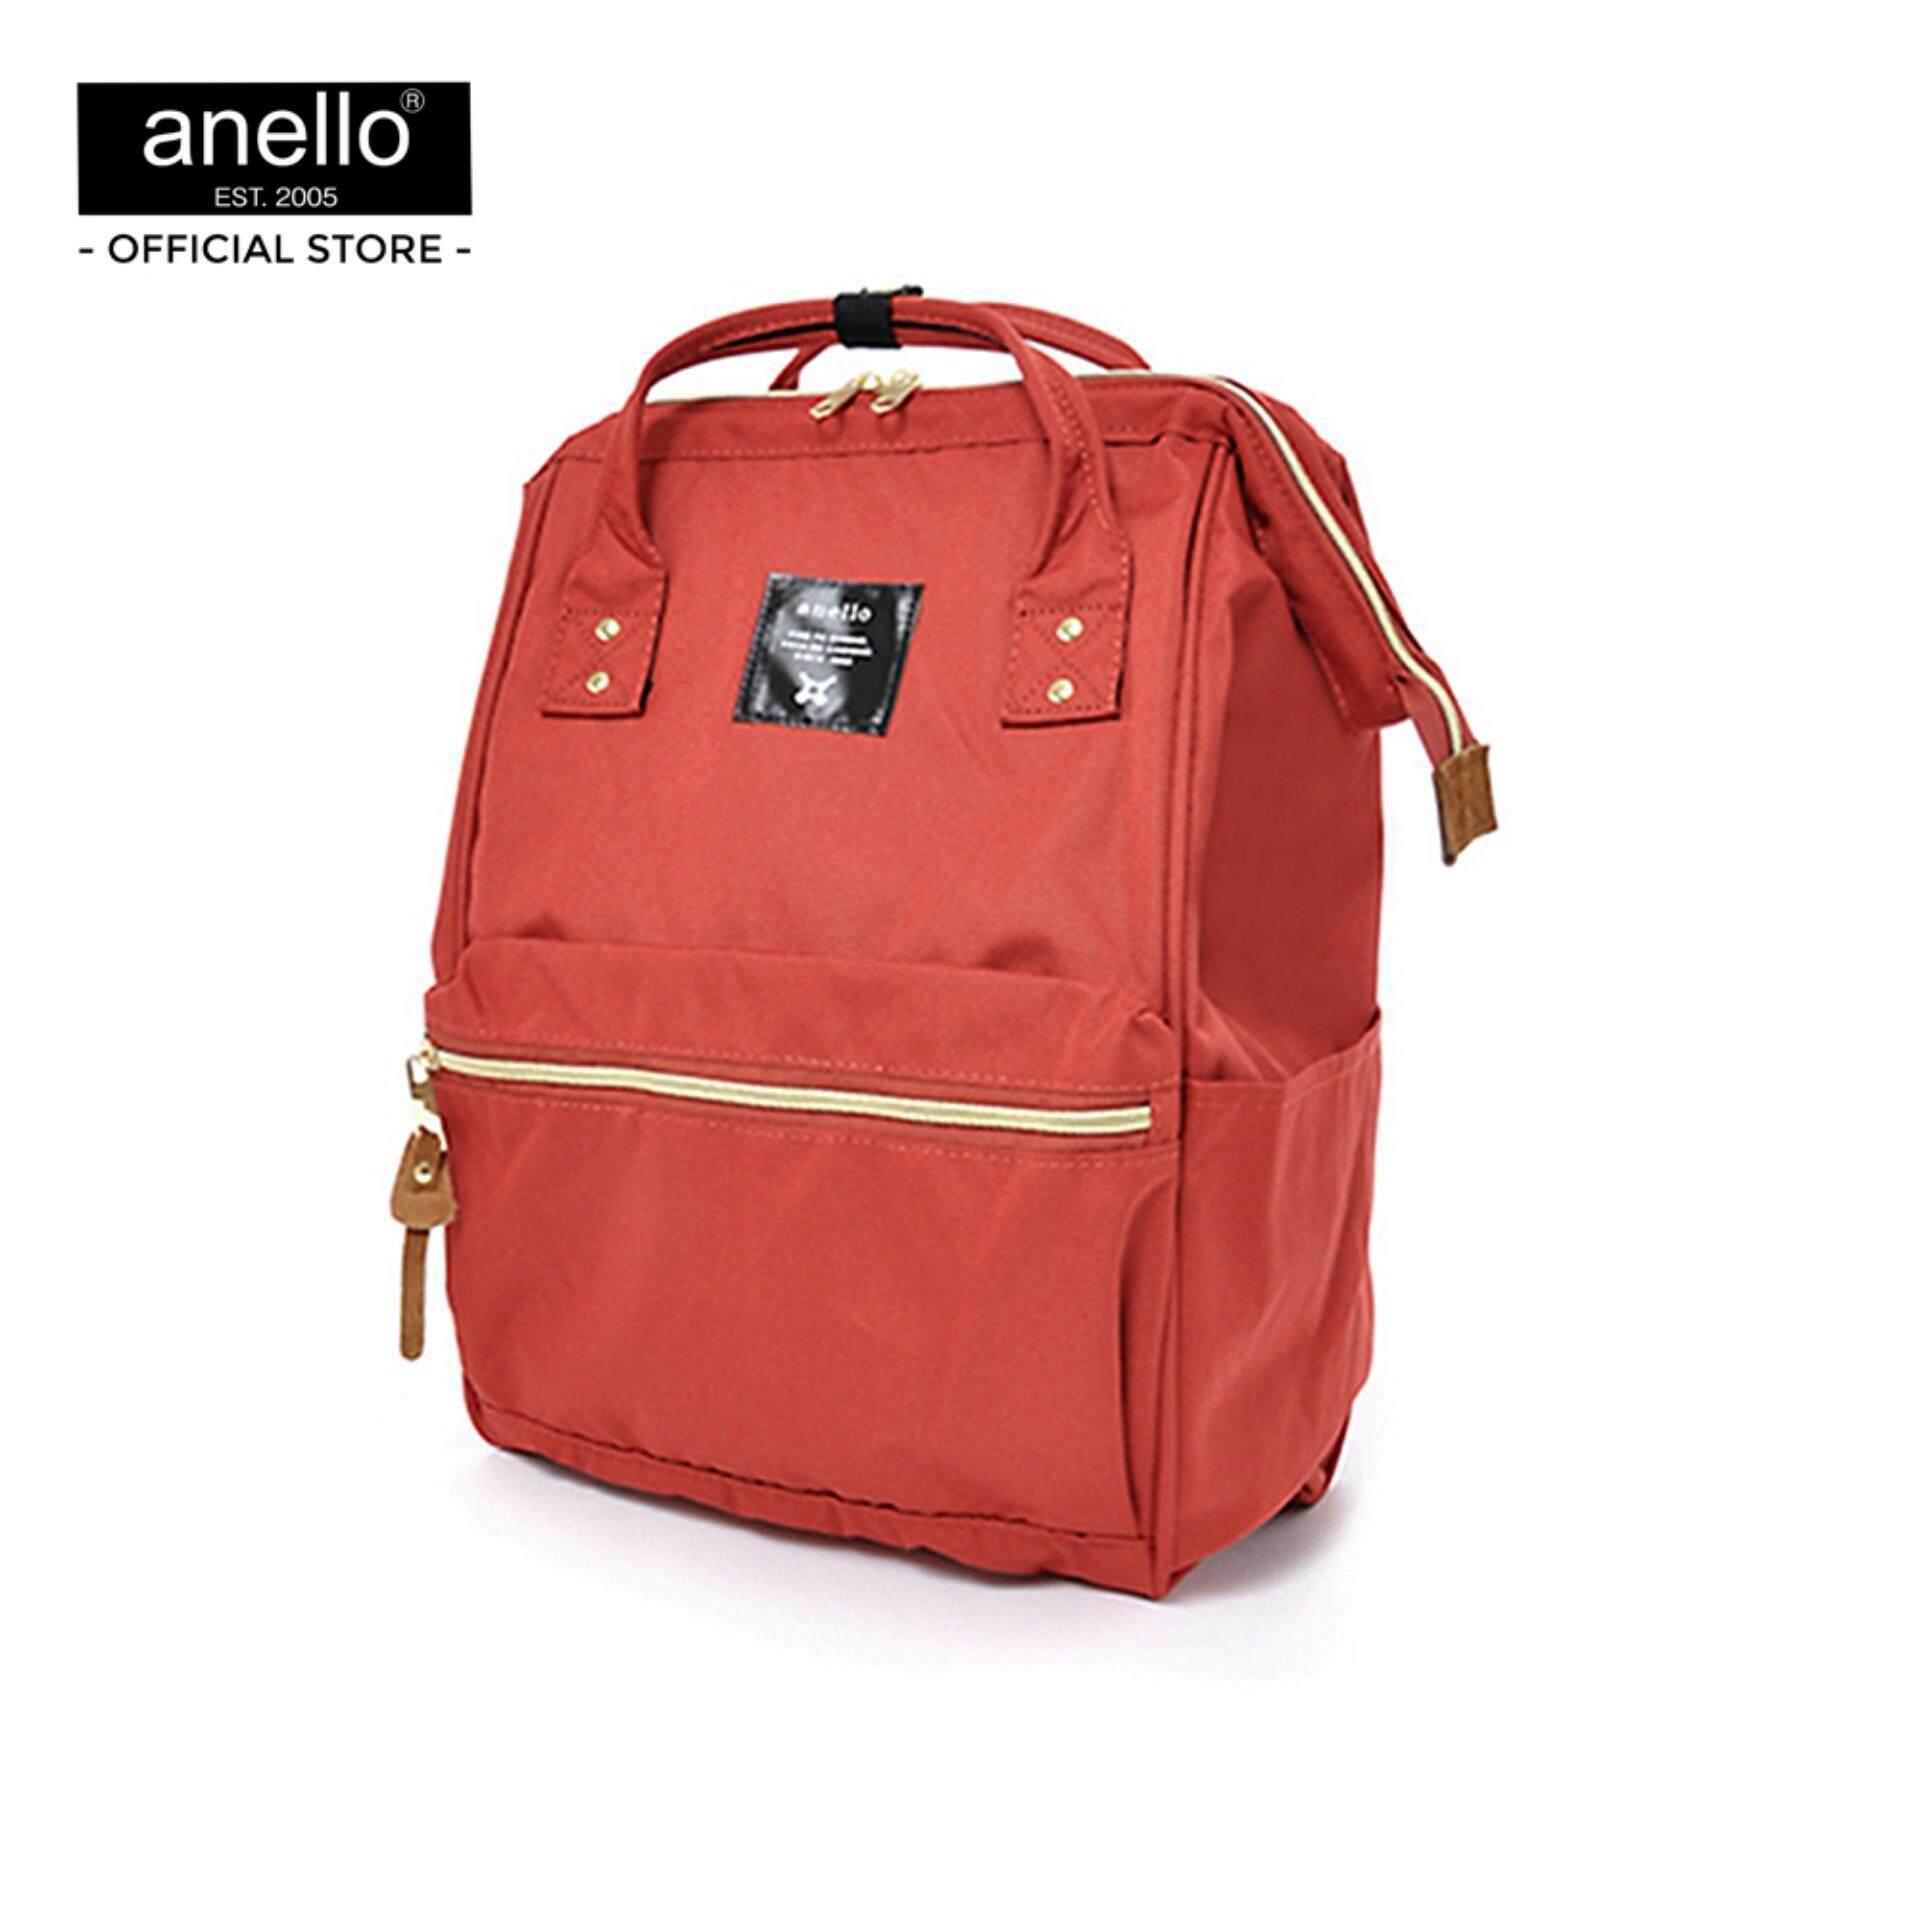 การใช้งาน  ยะลา anello กระเป๋า Regular Backpack_AT-B0193A